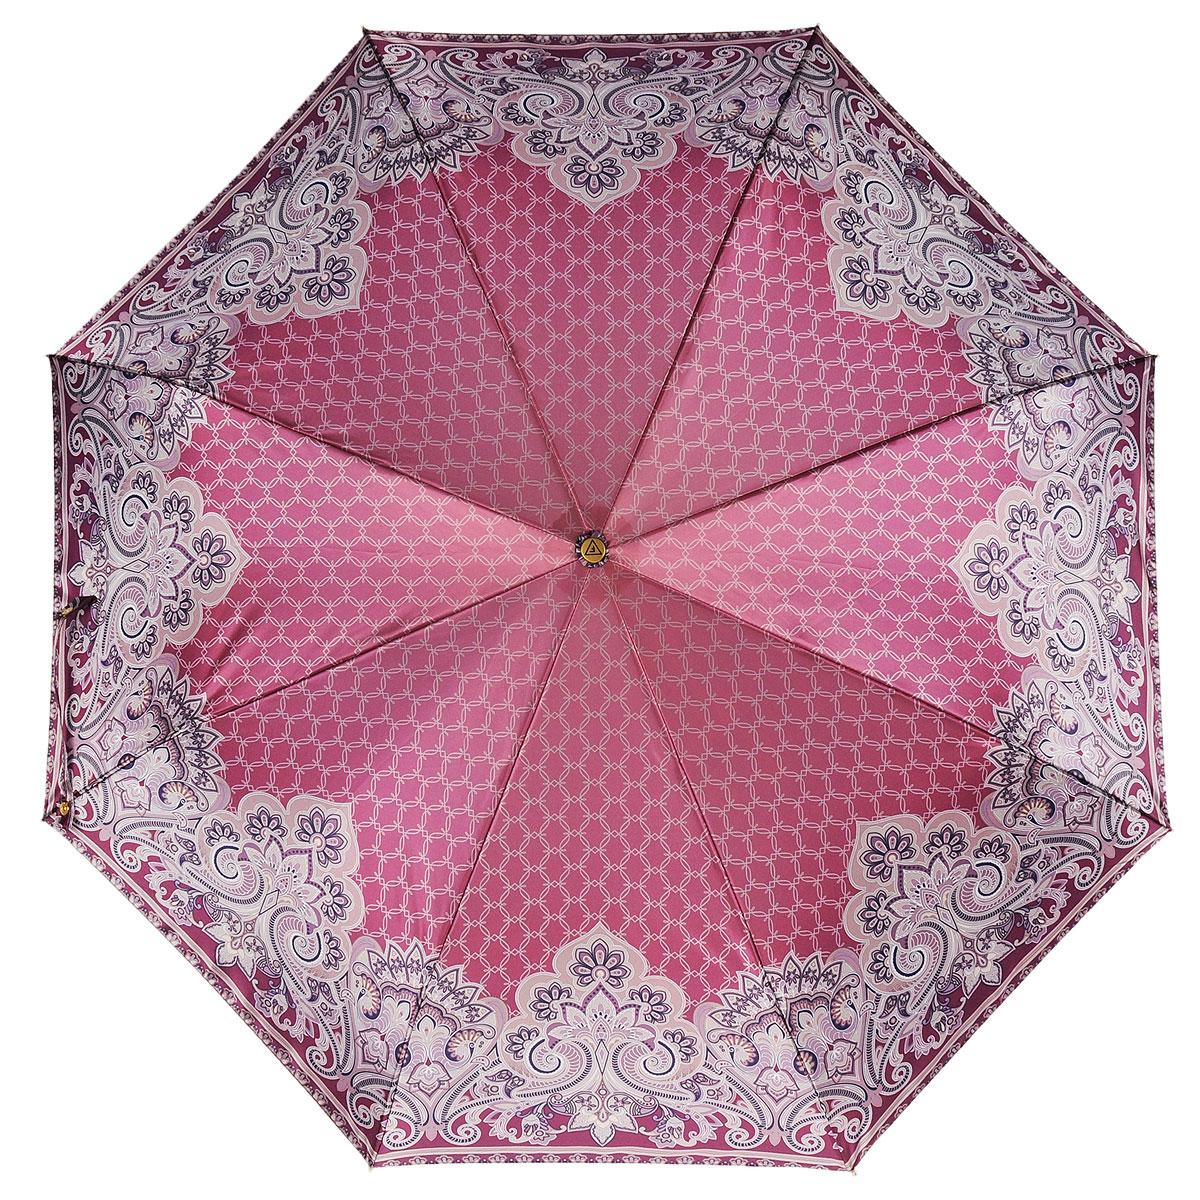 Зонт-автомат женский Fabretti, 3 сложения, цвет: бордовый, бежевый. S-15102-1 - FabrettiFabretti S-15102-1Классический зонт торговой марки Fabretti, выполненный из качественных материалов, идеально подойдет для девушек и женщин любых возрастов. Купол зонтика изготовлен из полиэстера, обработанного водоотталкивающей пропиткой, и оформлен изящным орнаментом. Каркас зонта выполнен из восьми металлических спиц, стержня и ручки с полиуретановым покрытием, разработанной с учетом требований эргономики. Зонт оснащен полным автоматическим механизмом в три сложения. Купол открывается и закрывается нажатием кнопки на рукоятке, благодаря чему открыть и закрыть зонт можно одной рукой, что чрезвычайно удобно при входе в транспорт или помещение, стержень складывается вручную до характерного щелчка. На рукоятке для удобства есть небольшой шнурок-резинка, позволяющий надеть зонт на руку тогда, когда это будет необходимо. Компактные размеры зонта в сложенном виде позволят ему без труда поместиться в сумочке и не доставят никаких проблем во время переноски. К зонту прилагается...